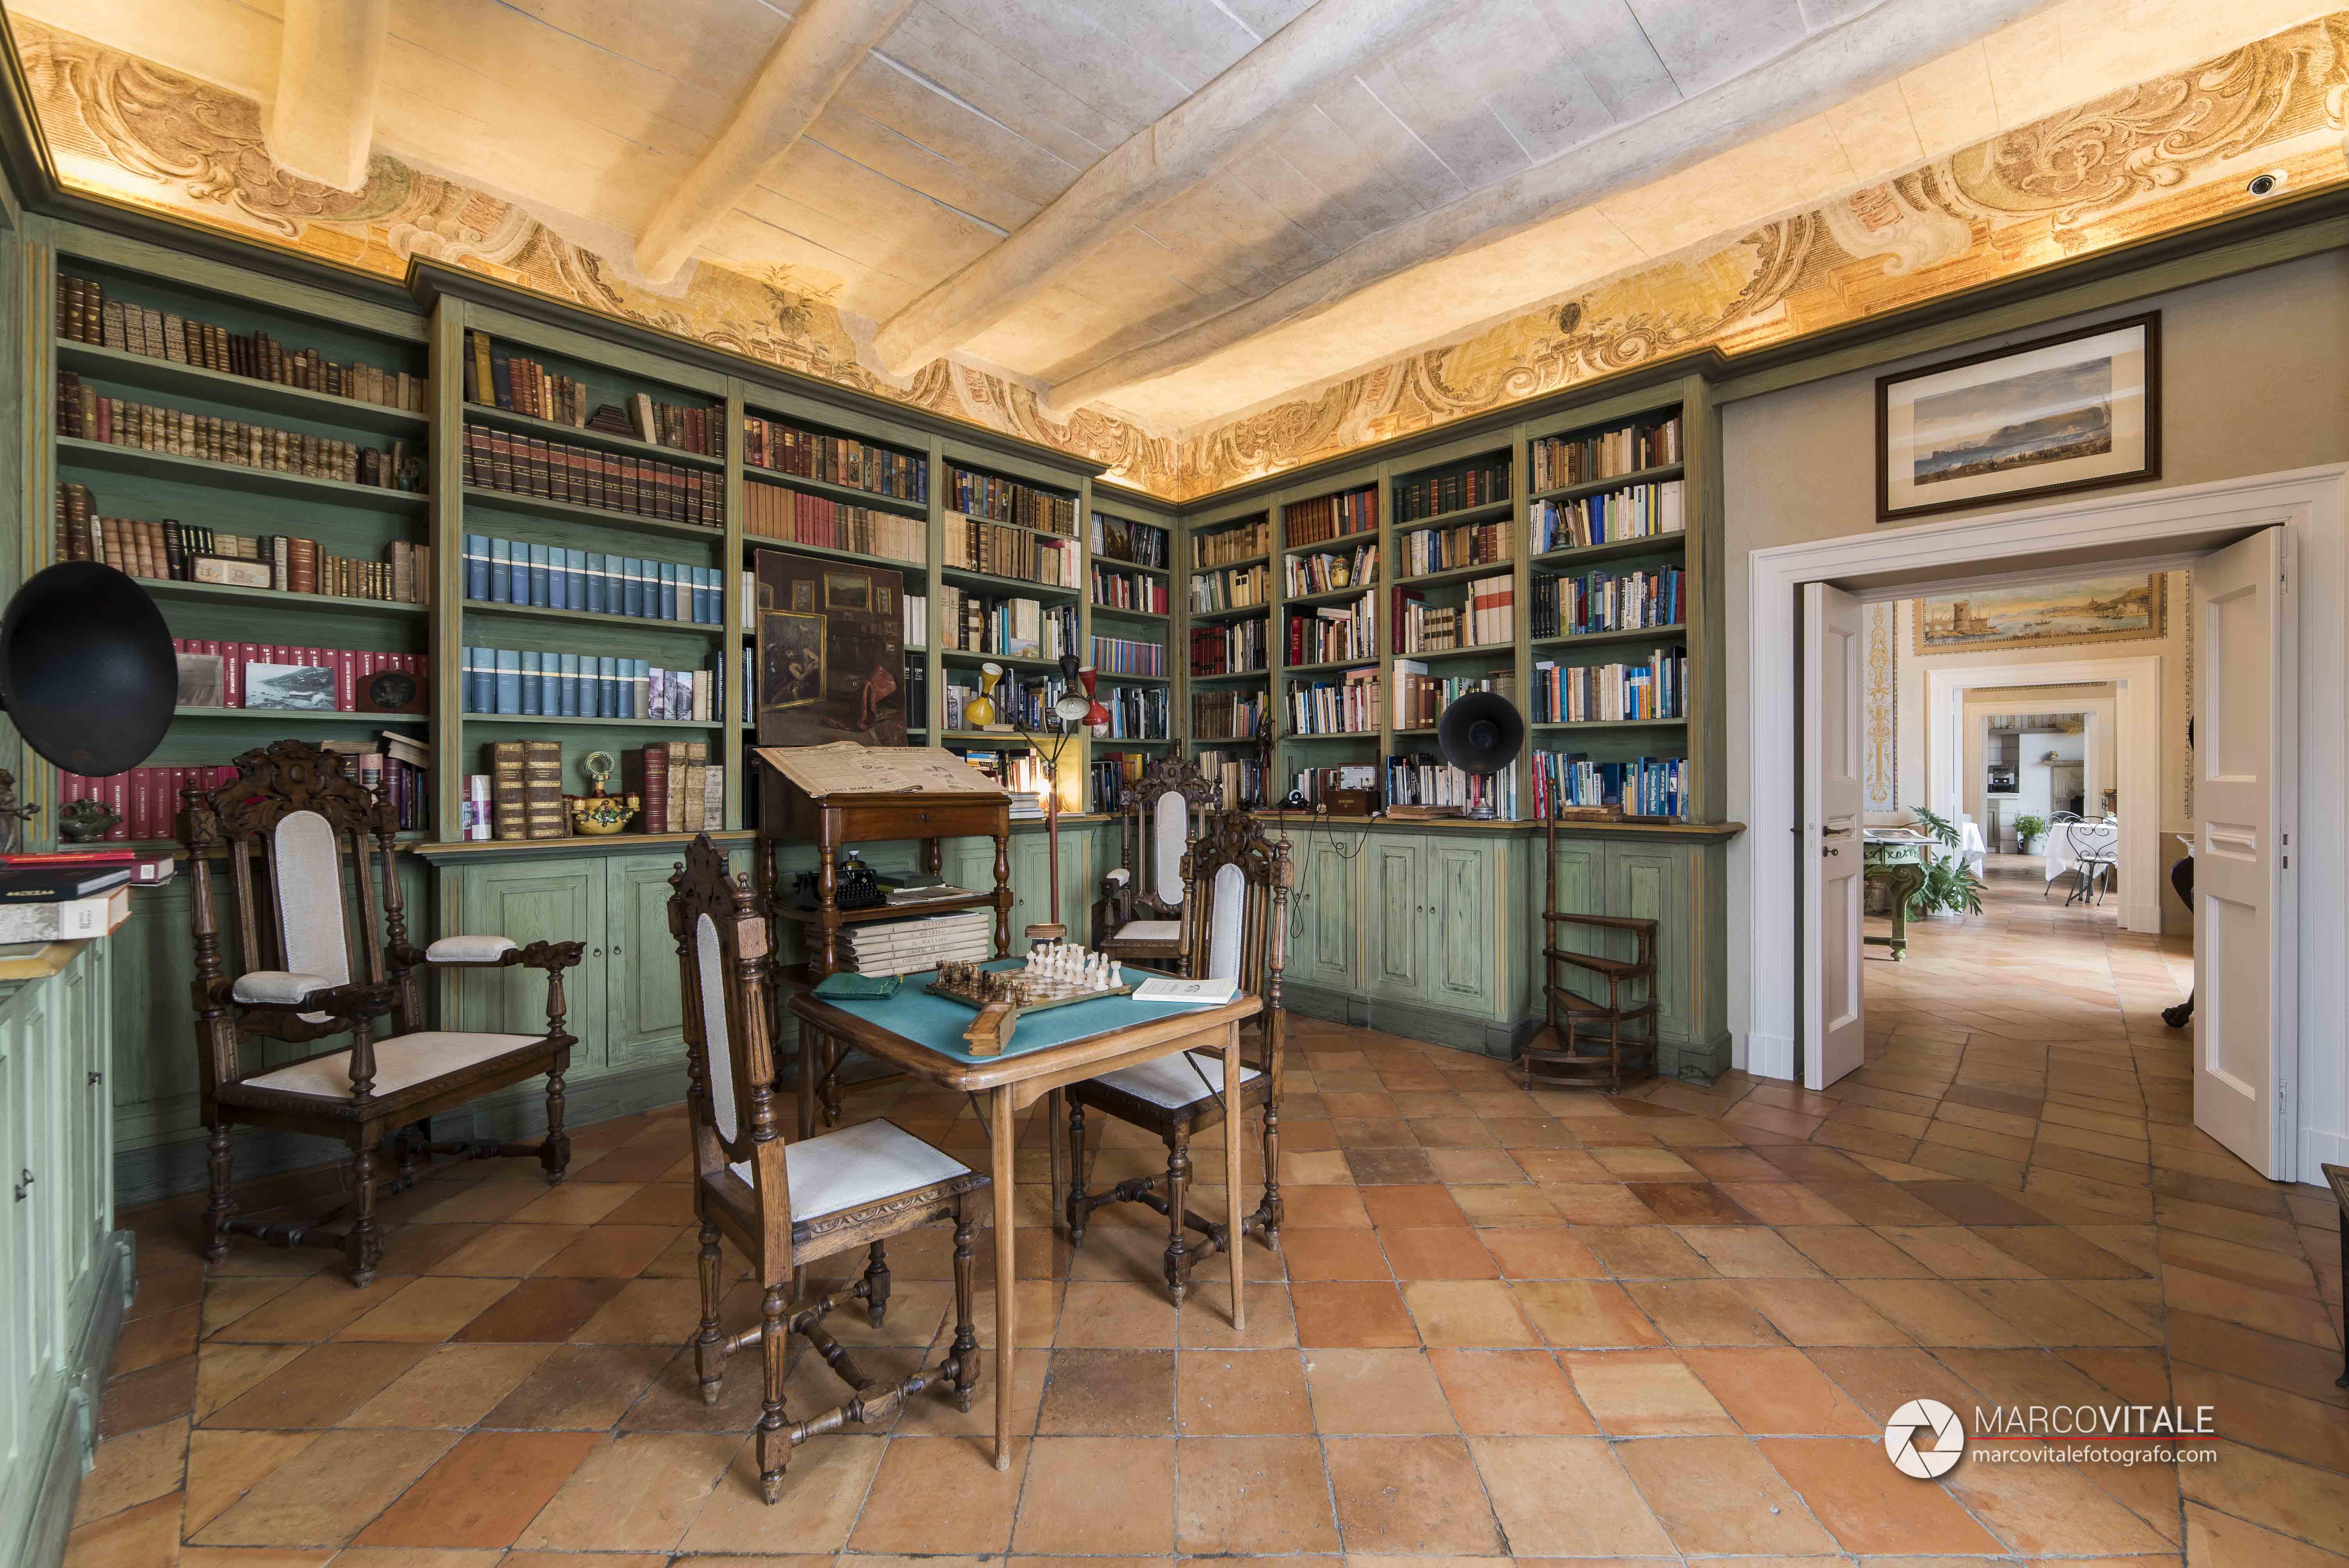 Fotografo di interni Marco Vitale - palazzo suriano-5380